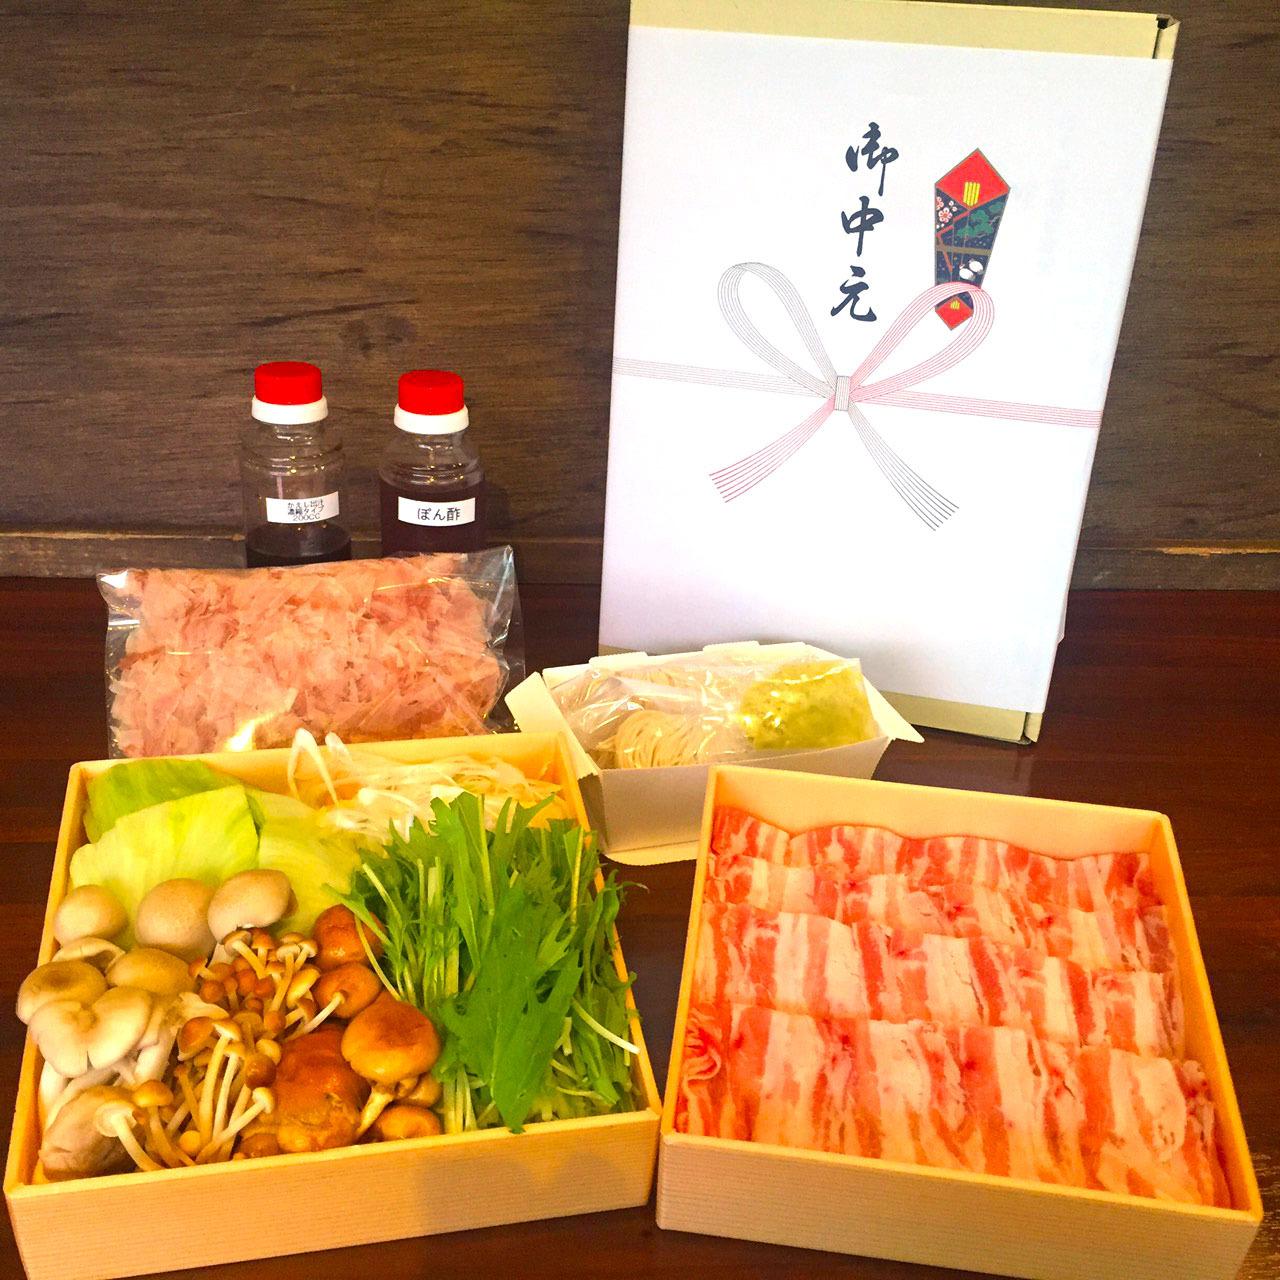 【お中元セット】:「北海道十勝放牧豚」究極の出汁しゃぶ 2人前セット